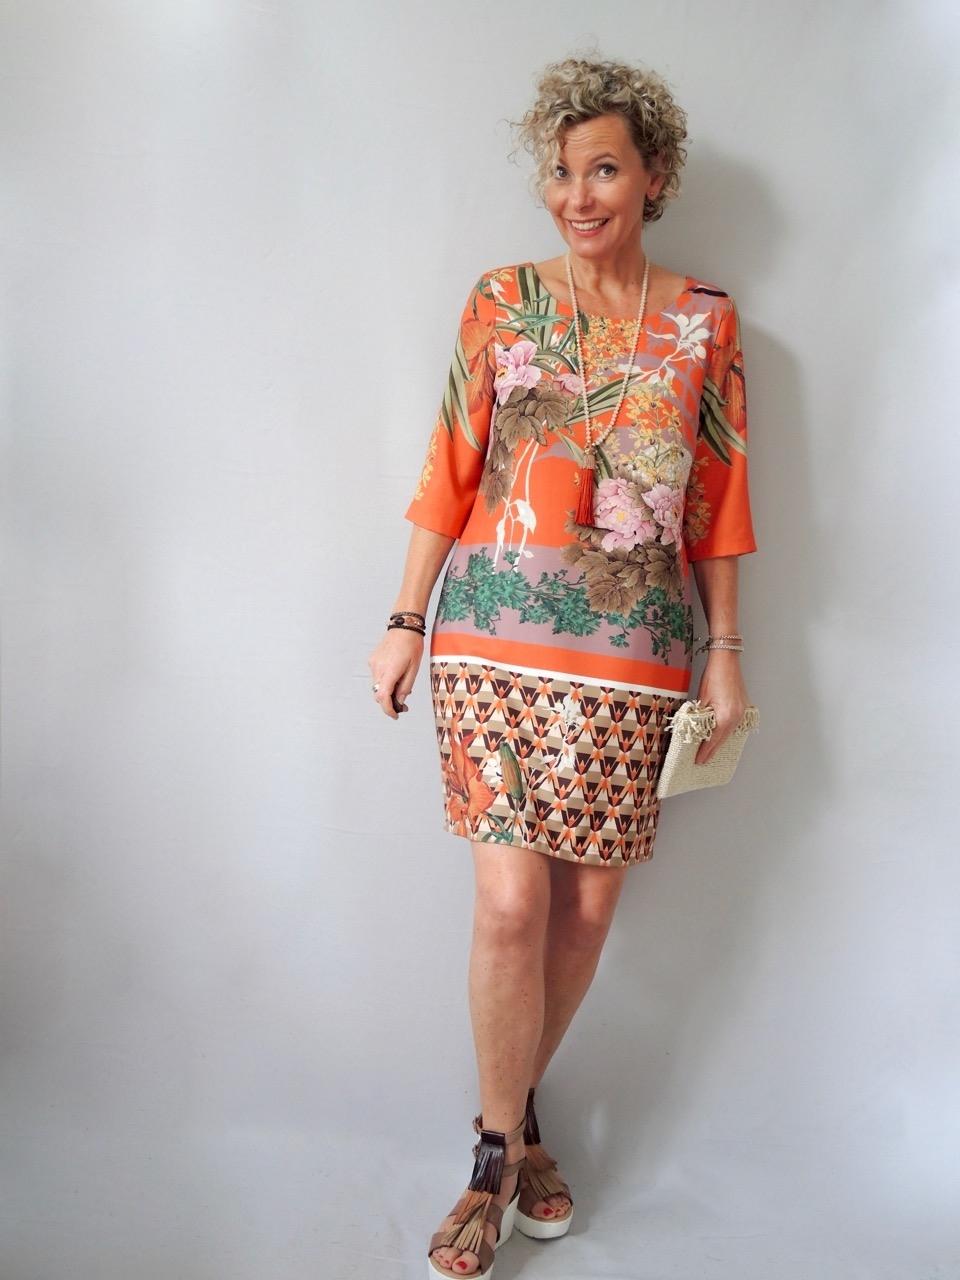 Formal Luxurius Weit Geschnittene Kleider Ärmel20 Großartig Weit Geschnittene Kleider Boutique